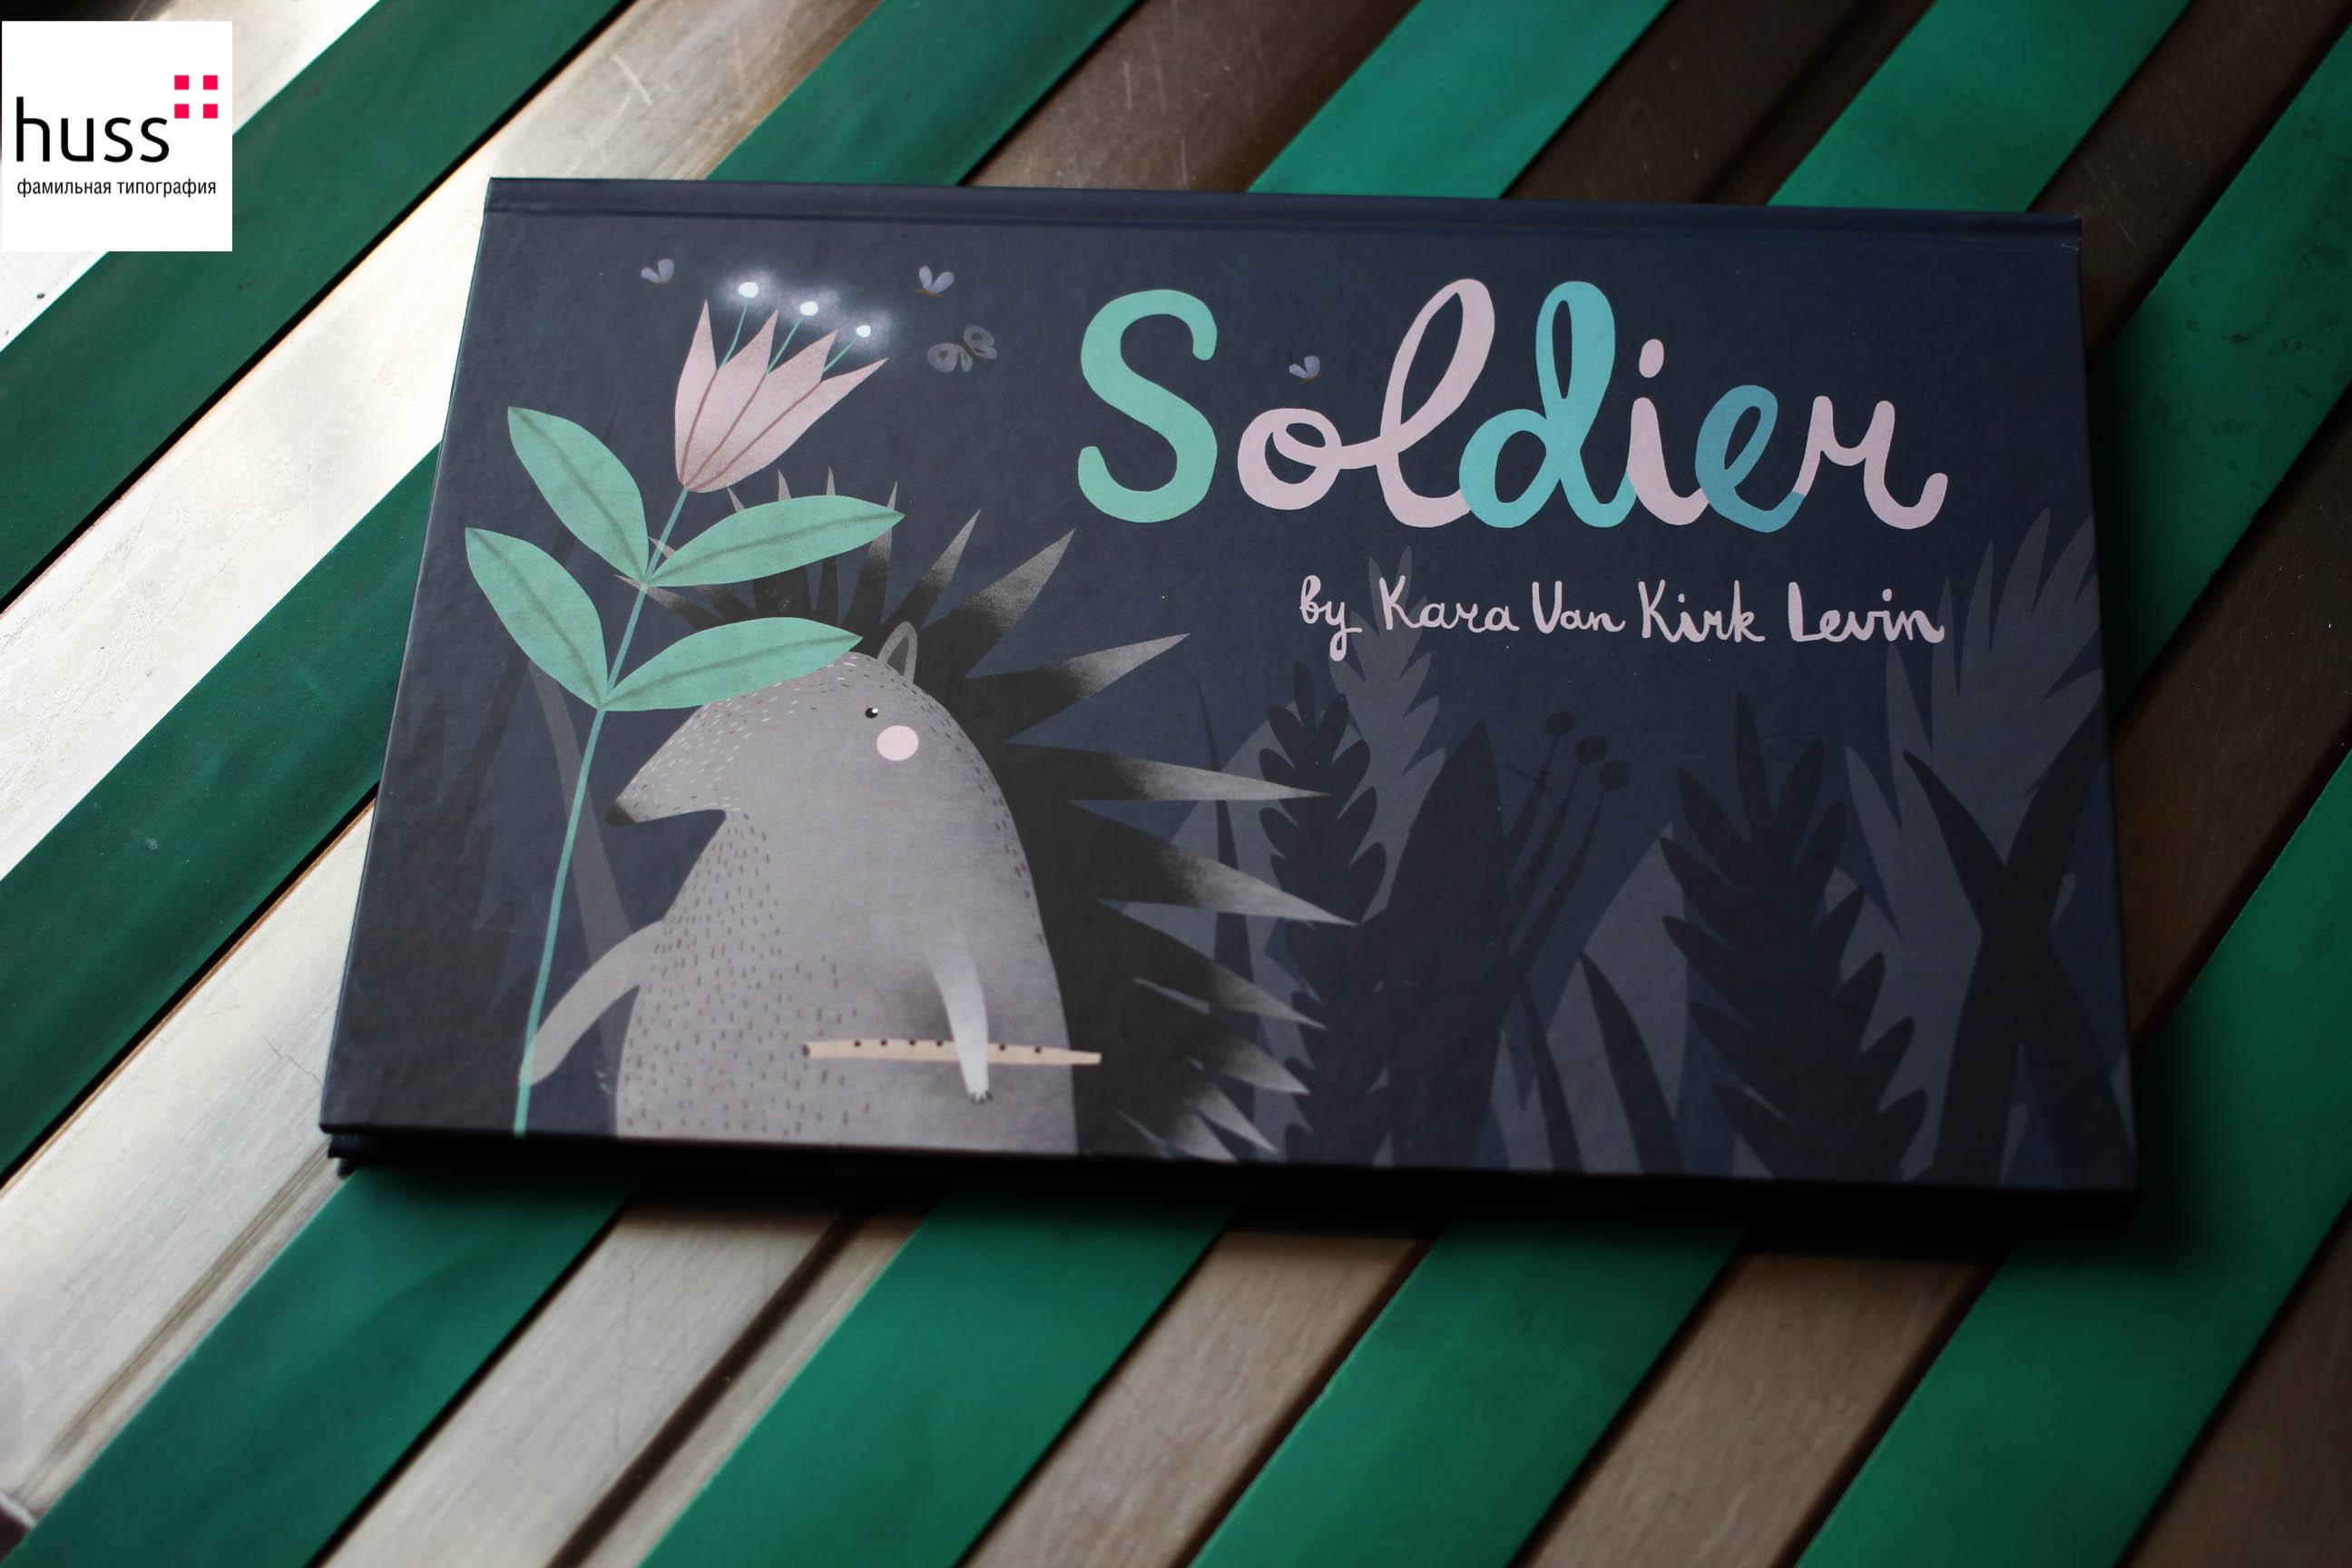 Печать книги Soldier типография huss (1 of 7)